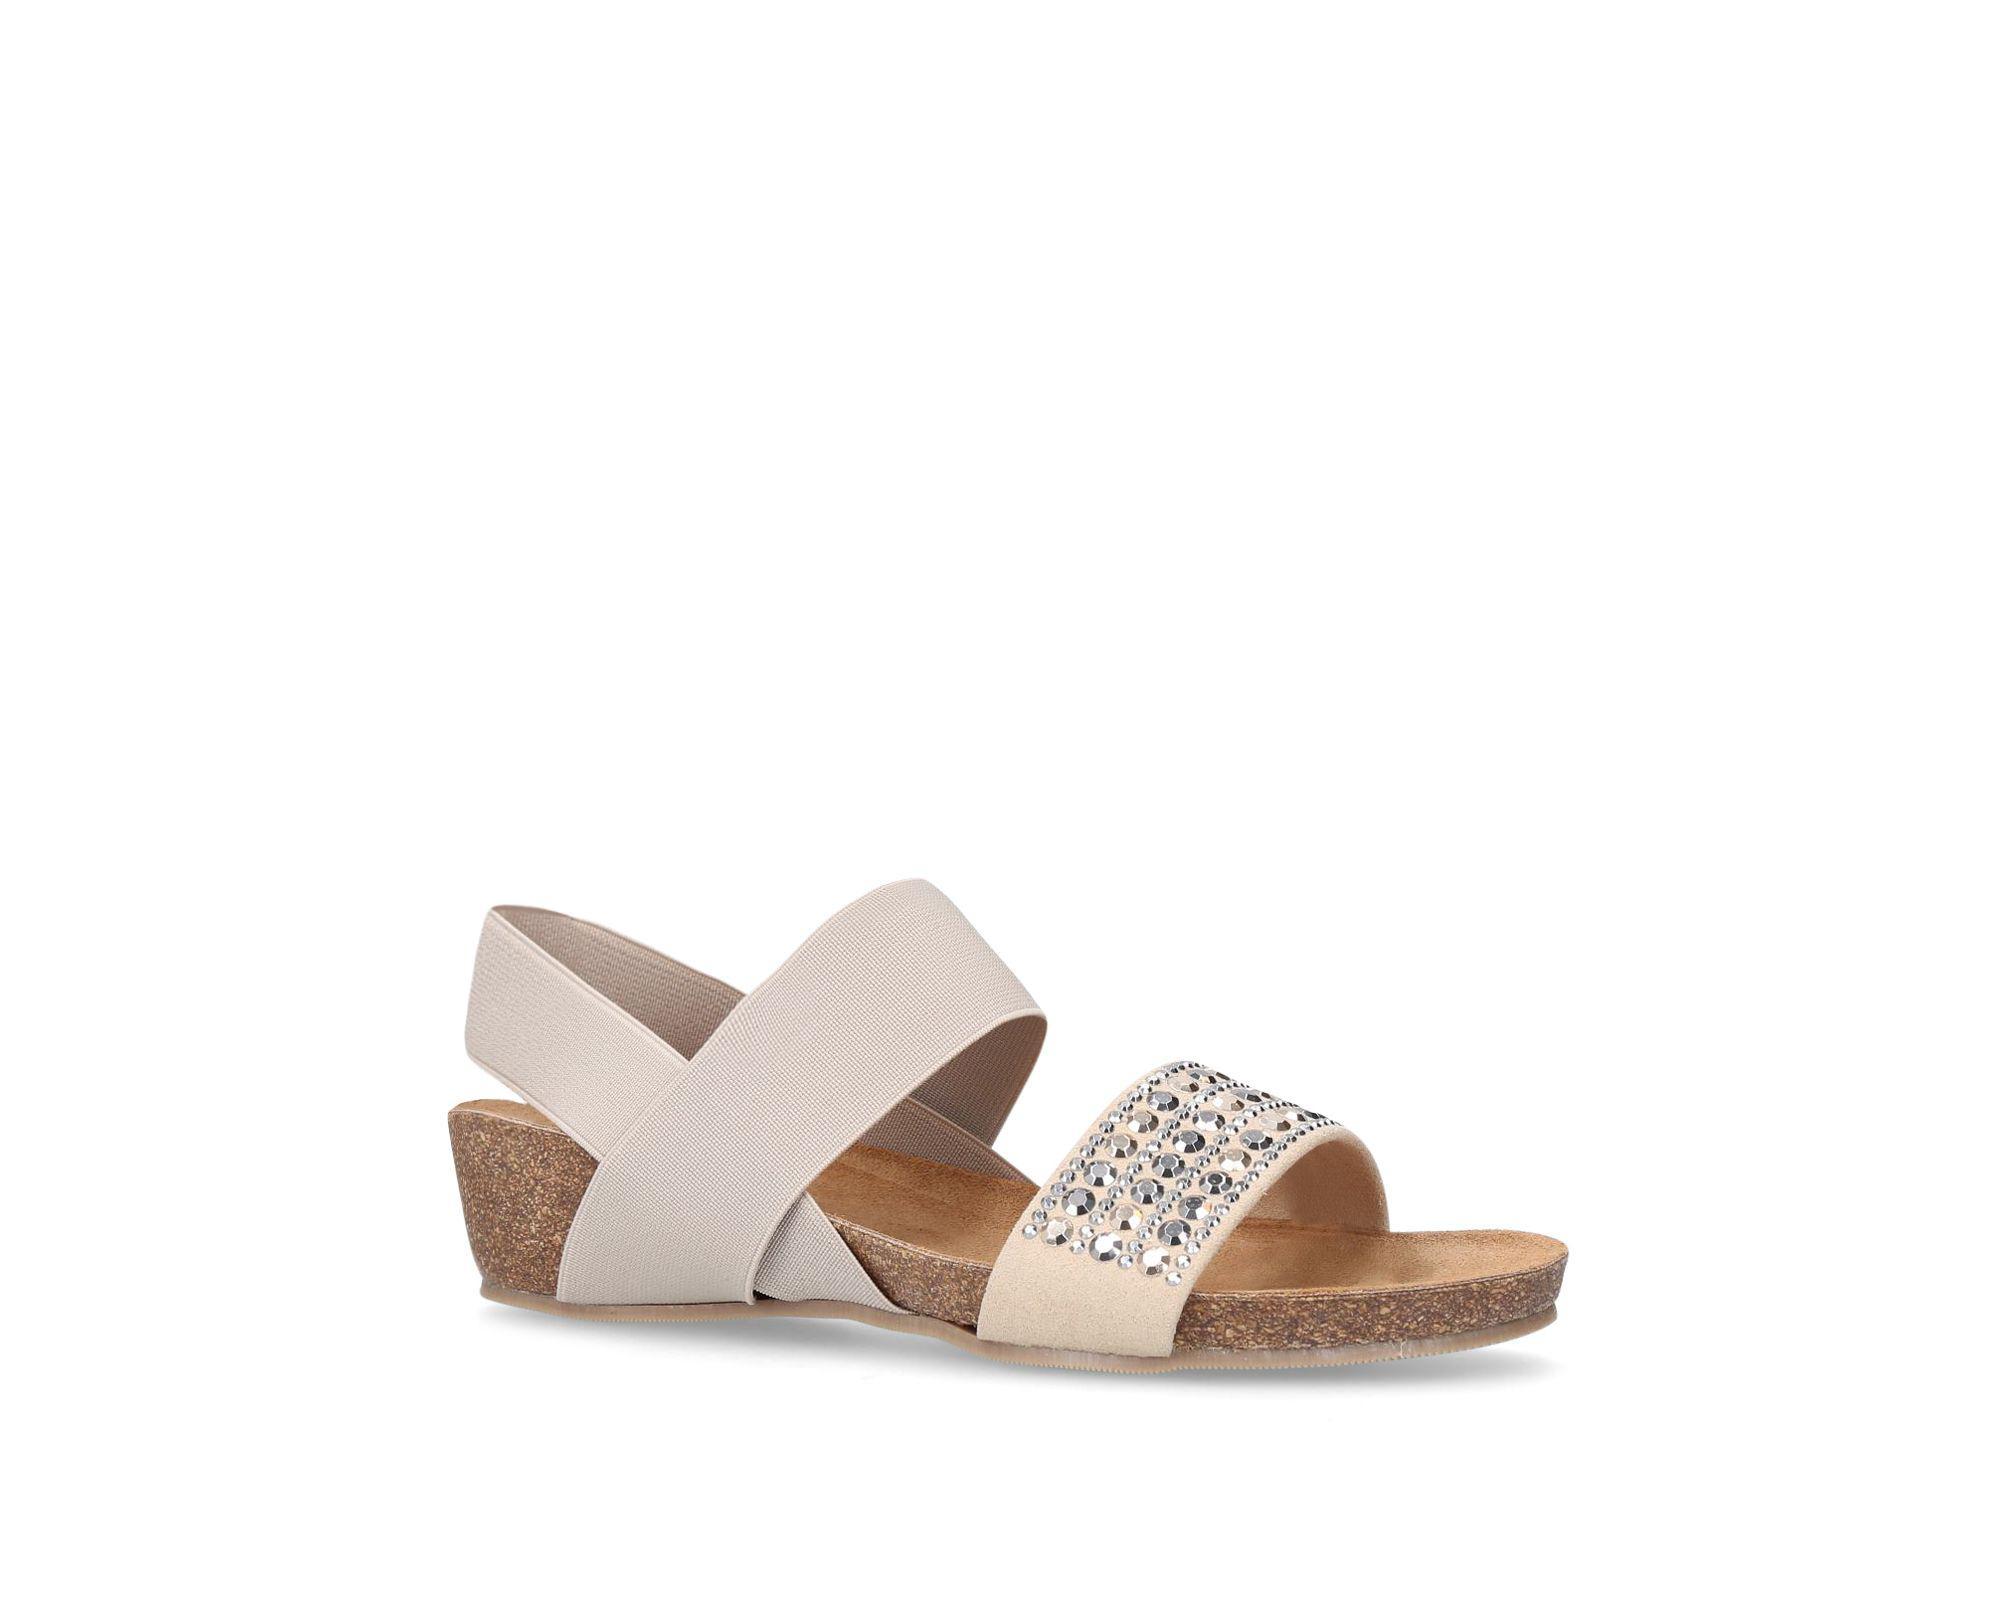 a678eae4571 Carvela Kurt Geiger Taupe  sink  Mid Heel Wedge Sandals in Brown - Lyst